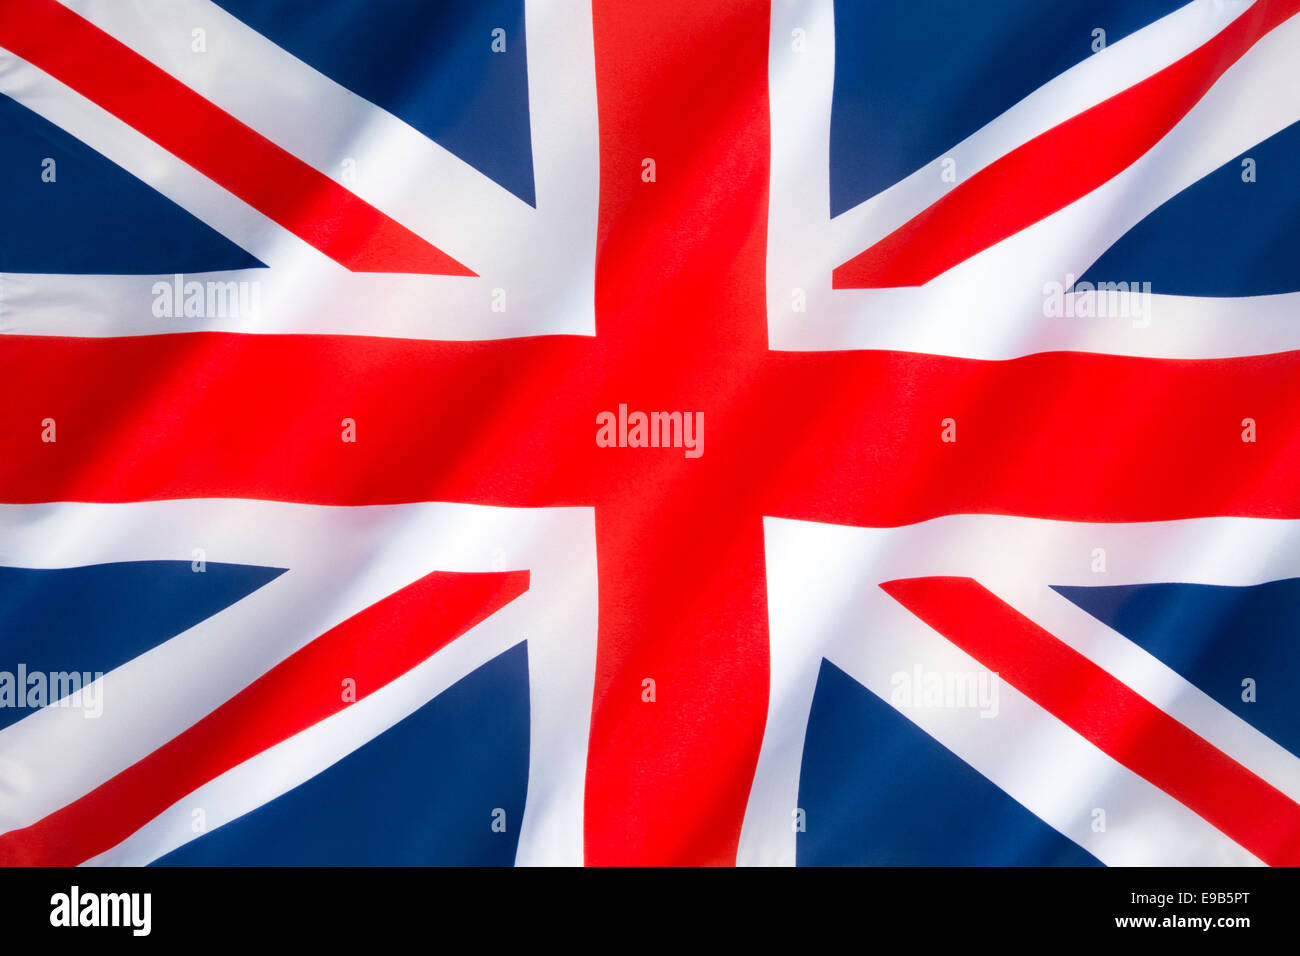 Pavillon du Royaume-Uni de Grande-Bretagne et d'Irlande du Nord - également connu sous le nom de l'Union Jack ou Banque D'Images